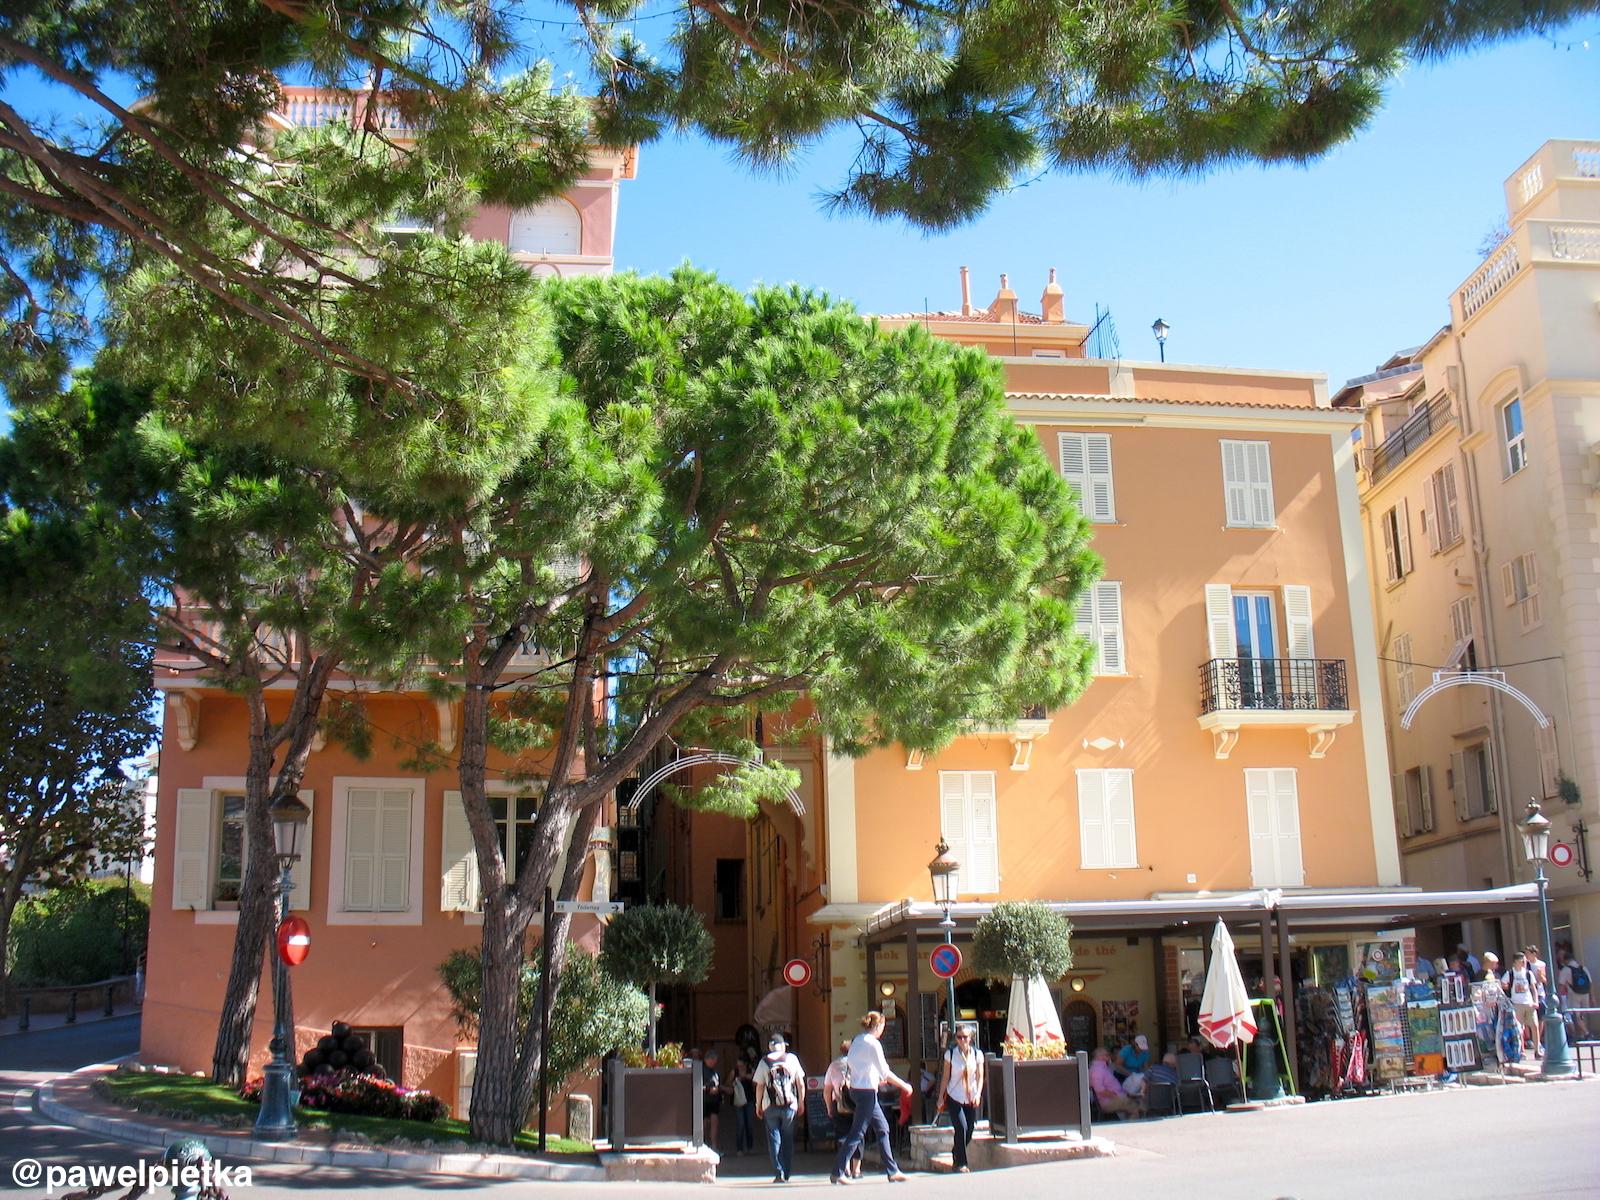 13 Monako kamienice Place du Palais